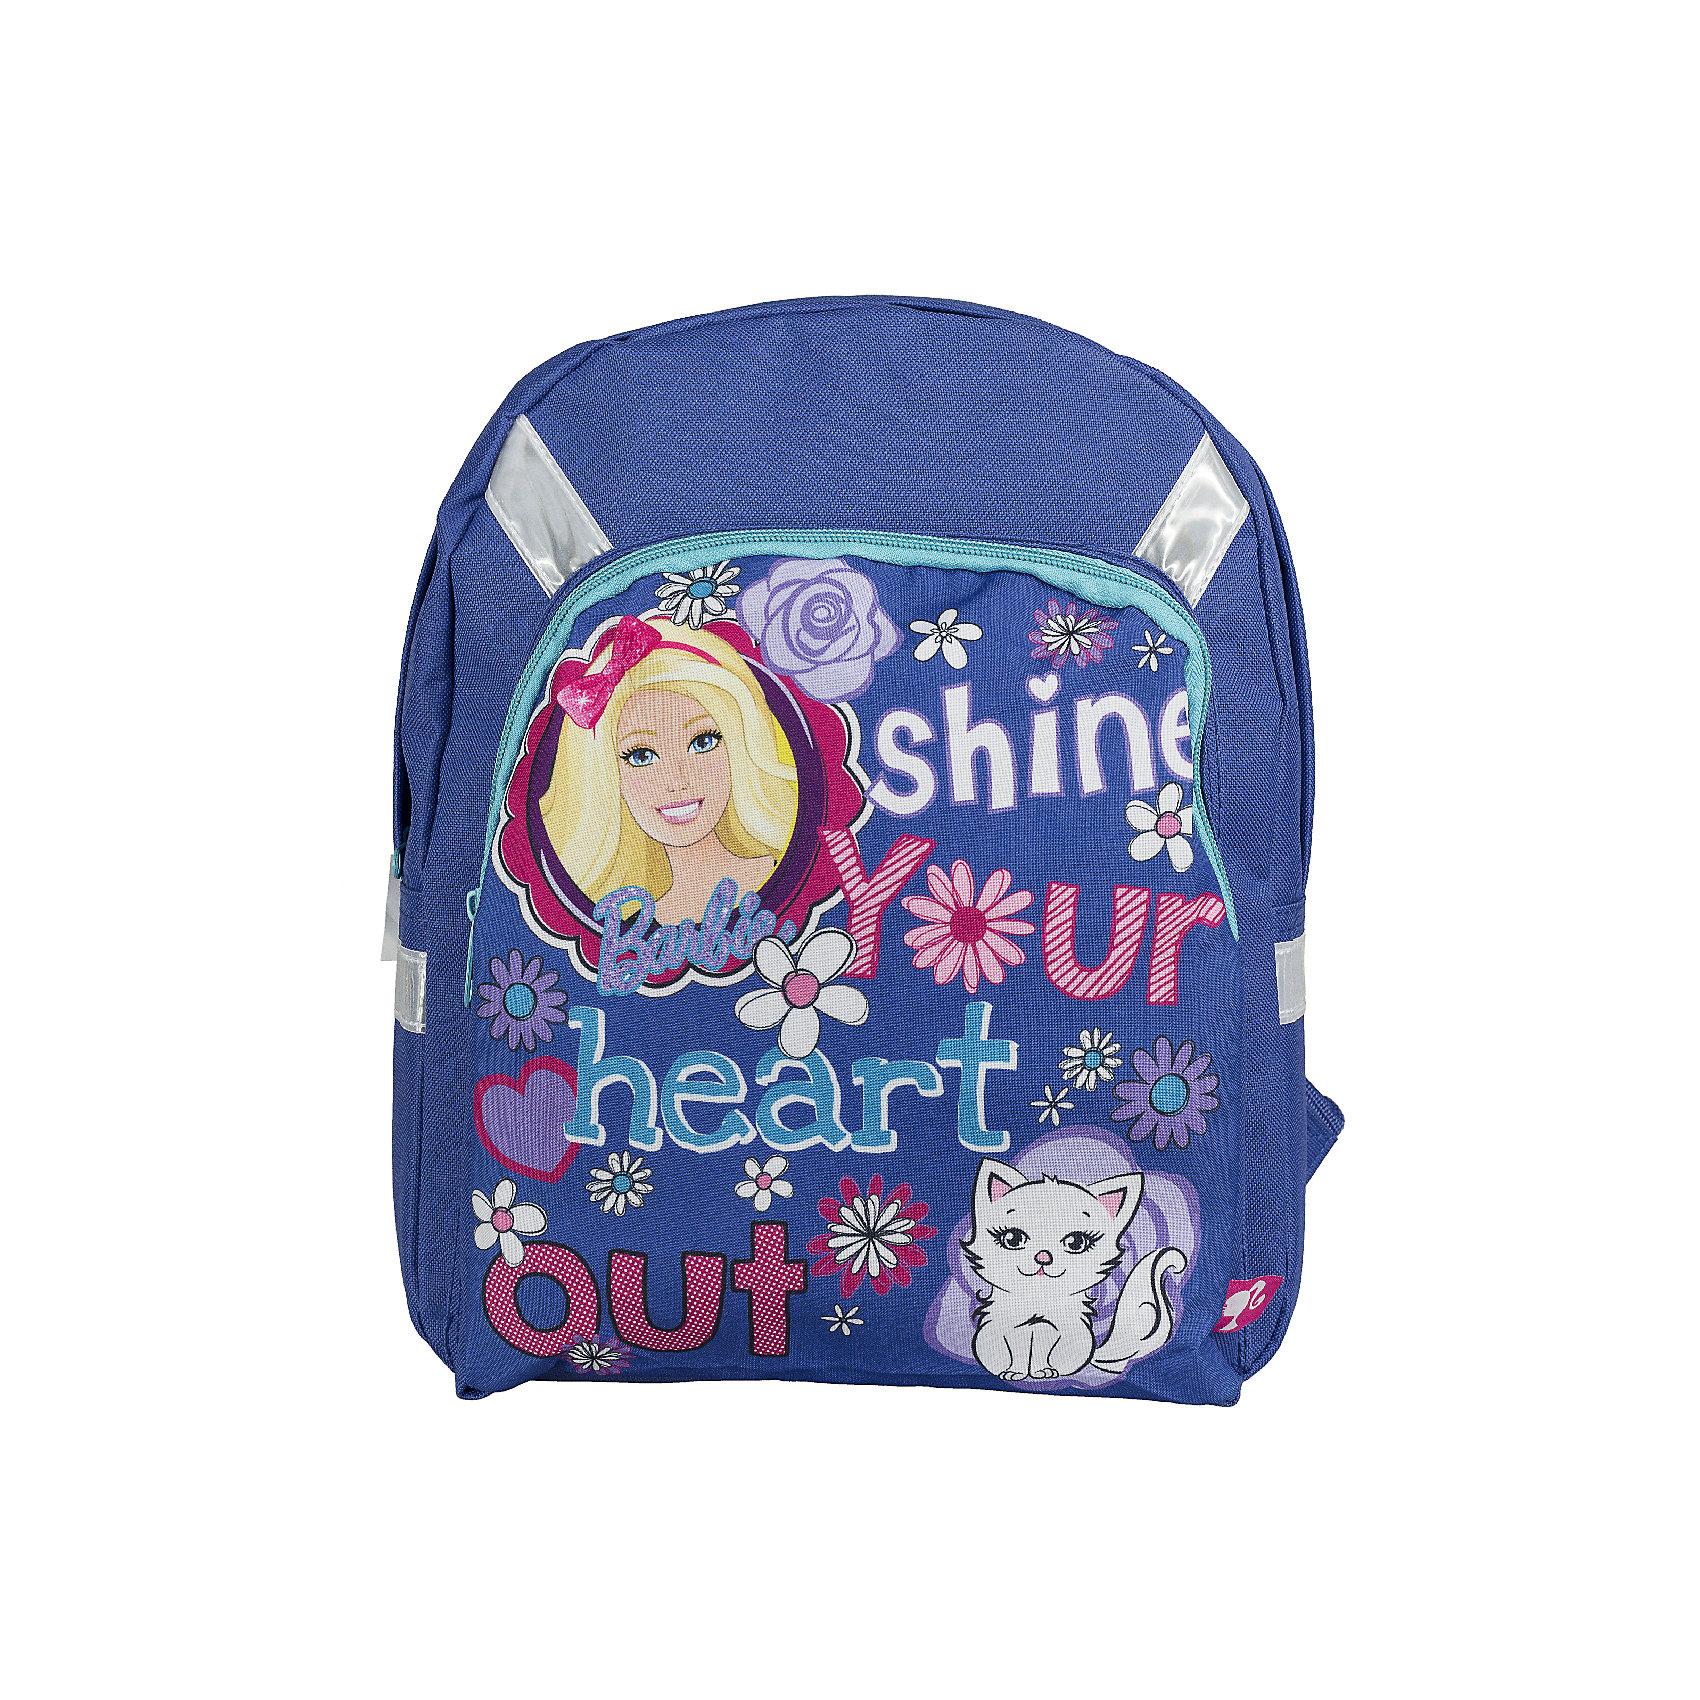 Рюкзак для свободного времени BarbieДорожные сумки и чемоданы<br>Рюкзак для свободного времени. Корпус мягкий. Одно вместительное  отделение не имеет разделителей. На фронтальной части имеется карман на молнии. Лямки с поролоновыми вставками, регулируются по длине. Удобная текстильная ручка. Светоотражающие элементы спереди, по бокам и на лямках обеспечивают необходимый уровень безопасности на дорогах и в темное время суток.<br><br>Дополнительная информация:<br><br>Одно вместительное отделение. <br>Фронтальный карман на молнии.<br>Размер 34 х 27,5 х 10 см.<br><br>Рюкзак Barbie (Барби) для свободного времени 34*27,5*10 см можно купить в нашем магазине.<br><br>Ширина мм: 340<br>Глубина мм: 275<br>Высота мм: 100<br>Вес г: 280<br>Возраст от месяцев: 72<br>Возраст до месяцев: 108<br>Пол: Женский<br>Возраст: Детский<br>SKU: 4140984